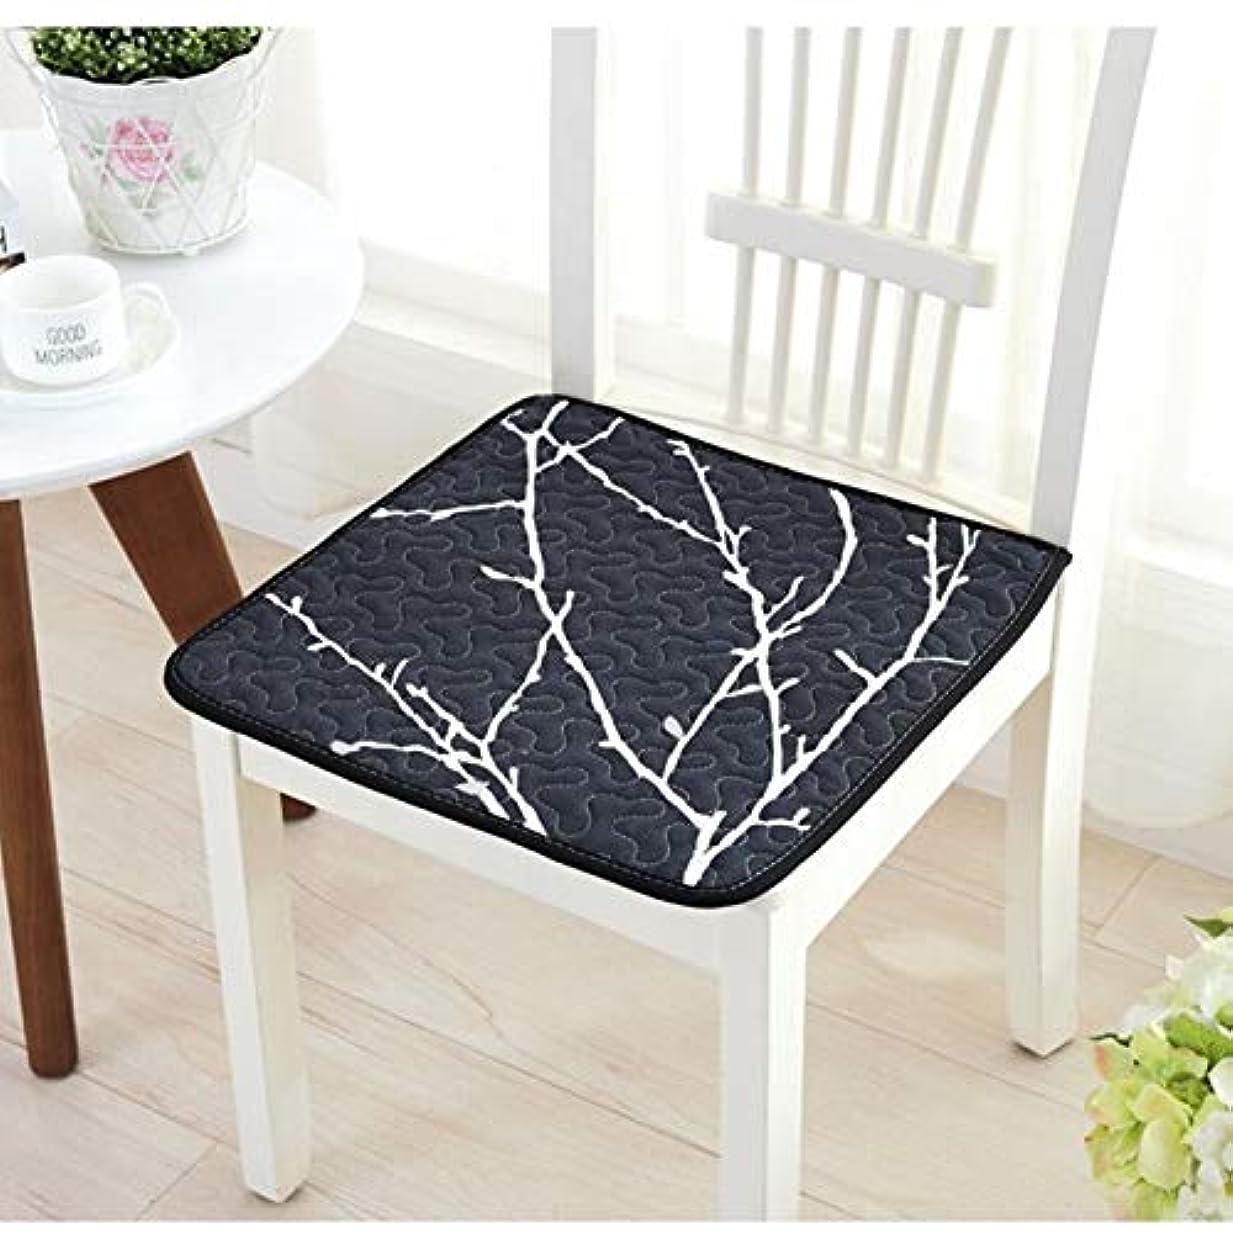 慢引き出す平行LIFE 現代スーパーソフト椅子クッション非スリップシートクッションマットソファホームデコレーションバッククッションチェアパッド 40*40/45*45/50*50 センチメートル クッション 椅子